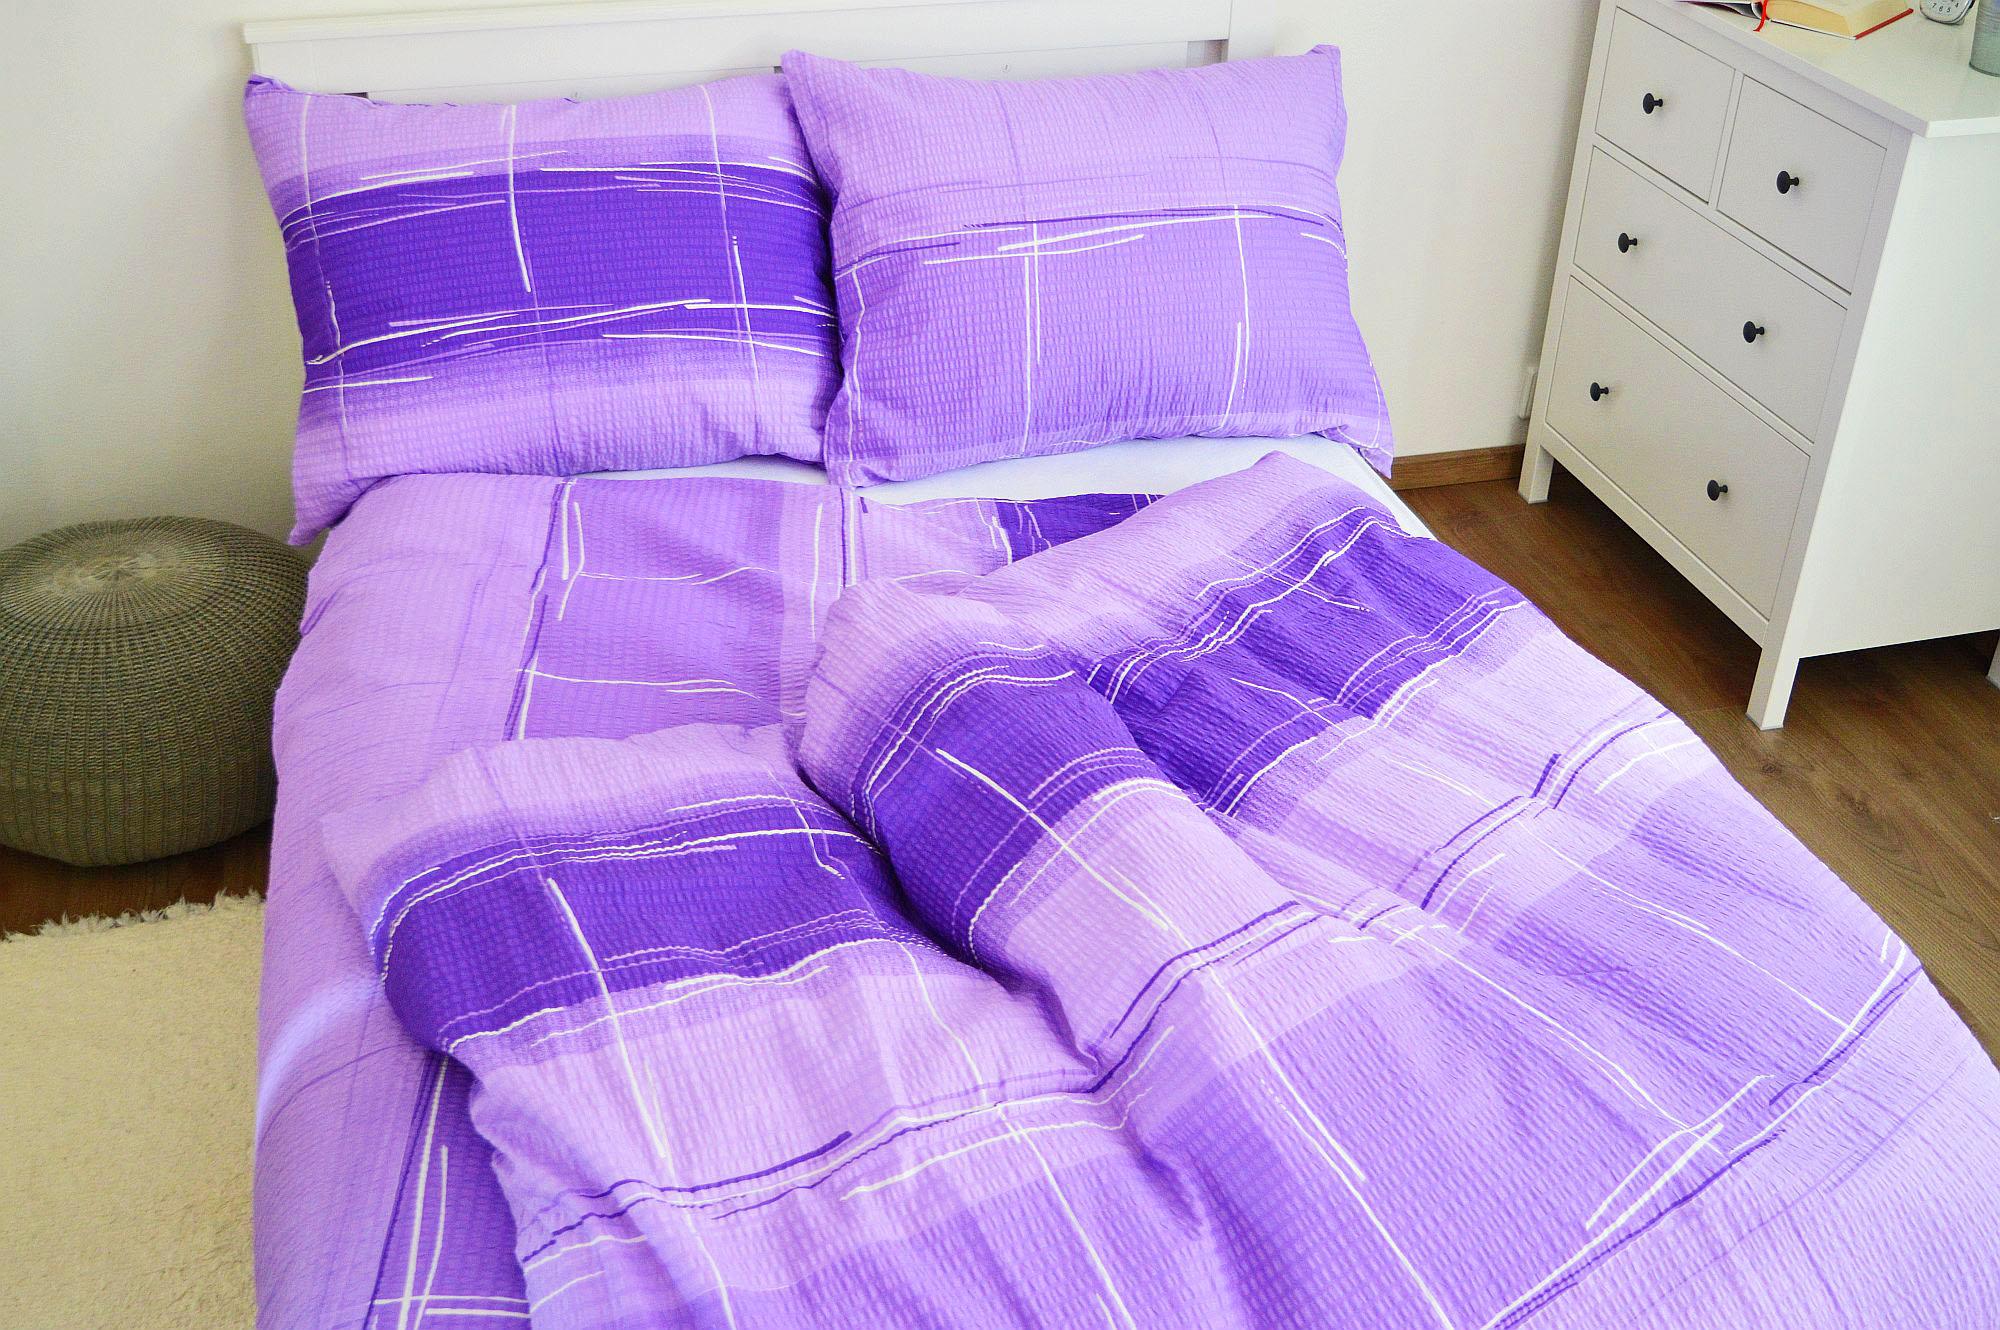 Krepové povlečení 140x240 - Cákance fialové